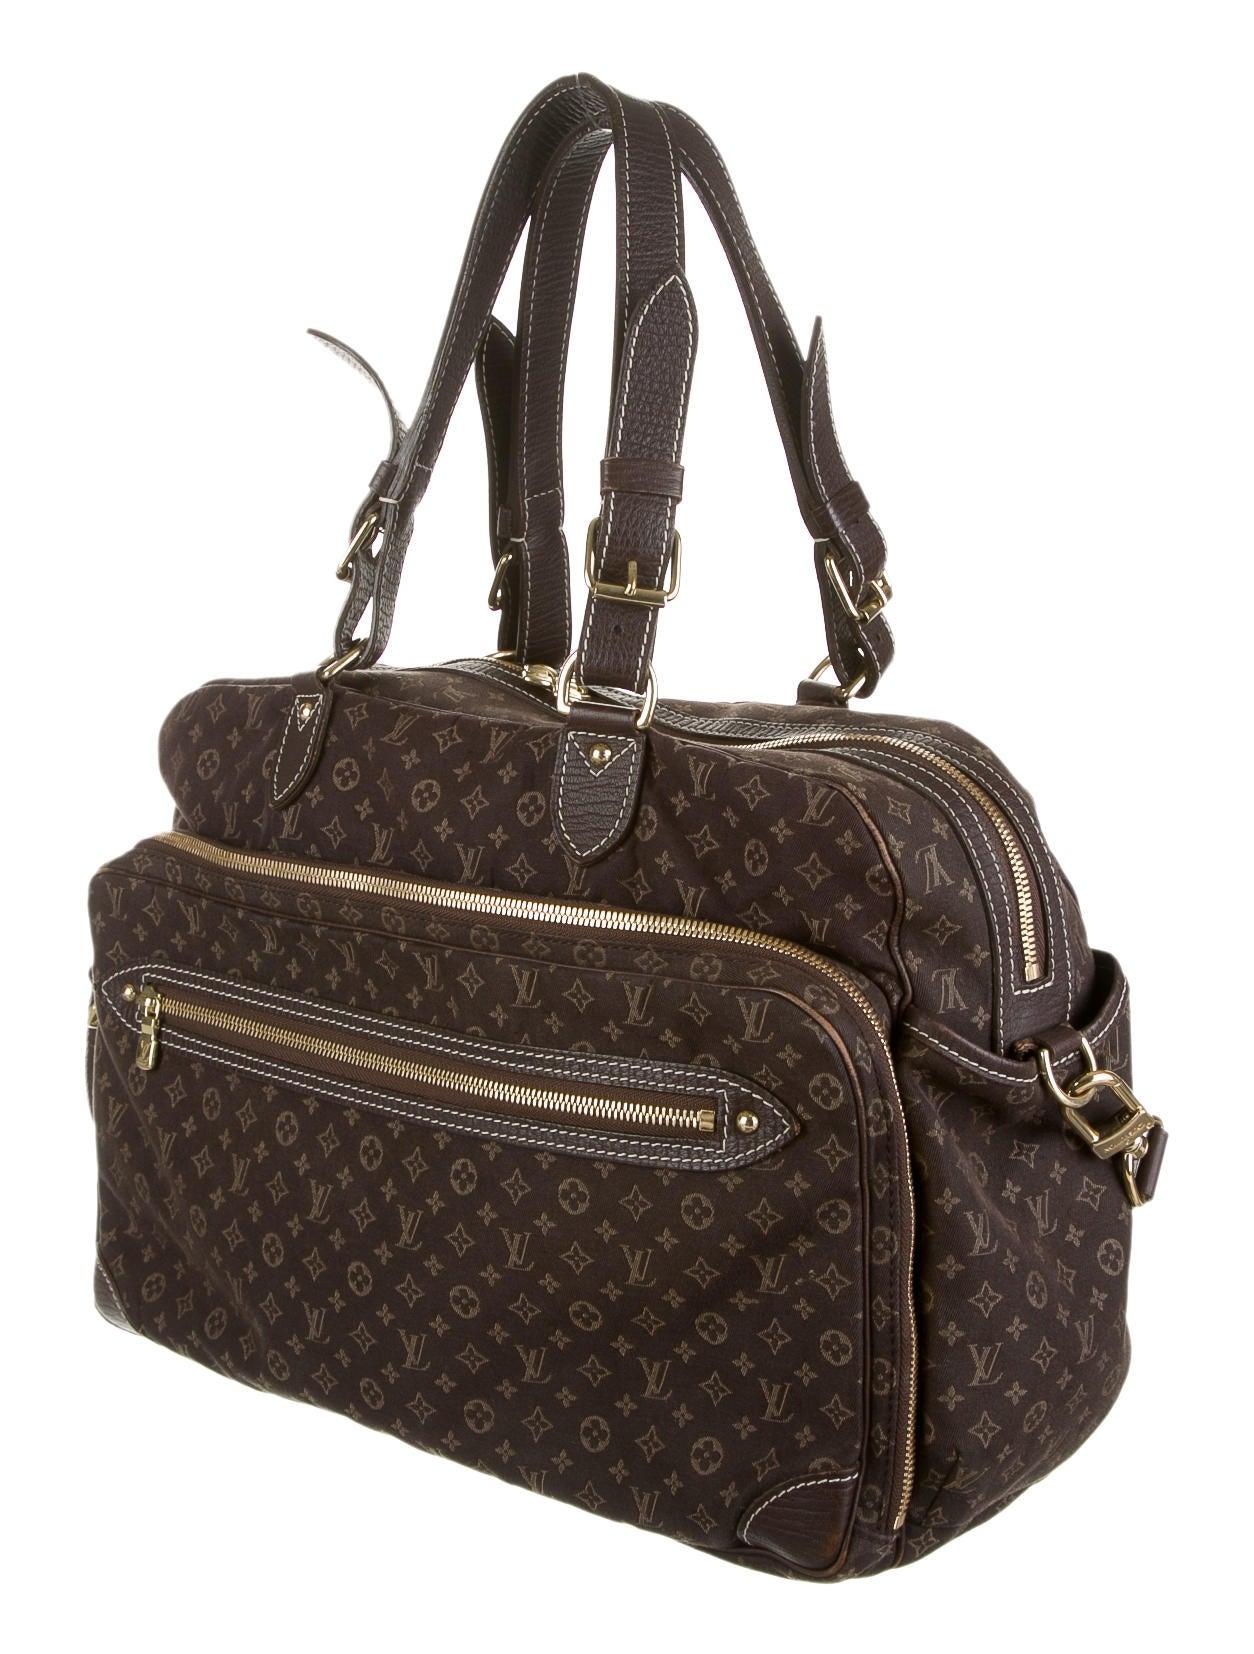 8615ba99d6c4 Louis Vuitton Reversible Bag louis vuitton diaper bags